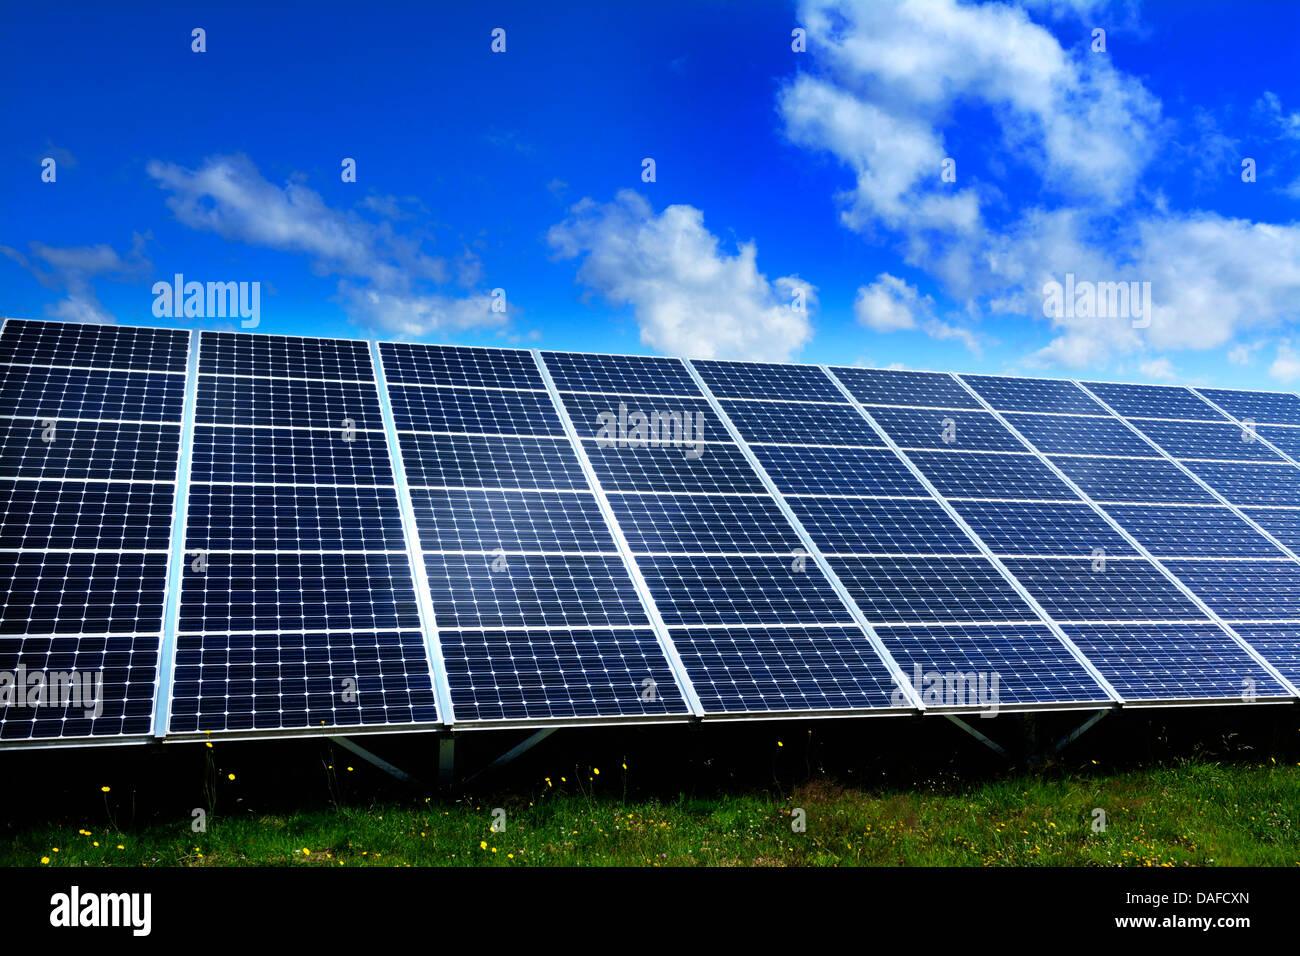 Ferme solaire avec grands panneaux solaires dans un tableau, France, Europe Photo Stock